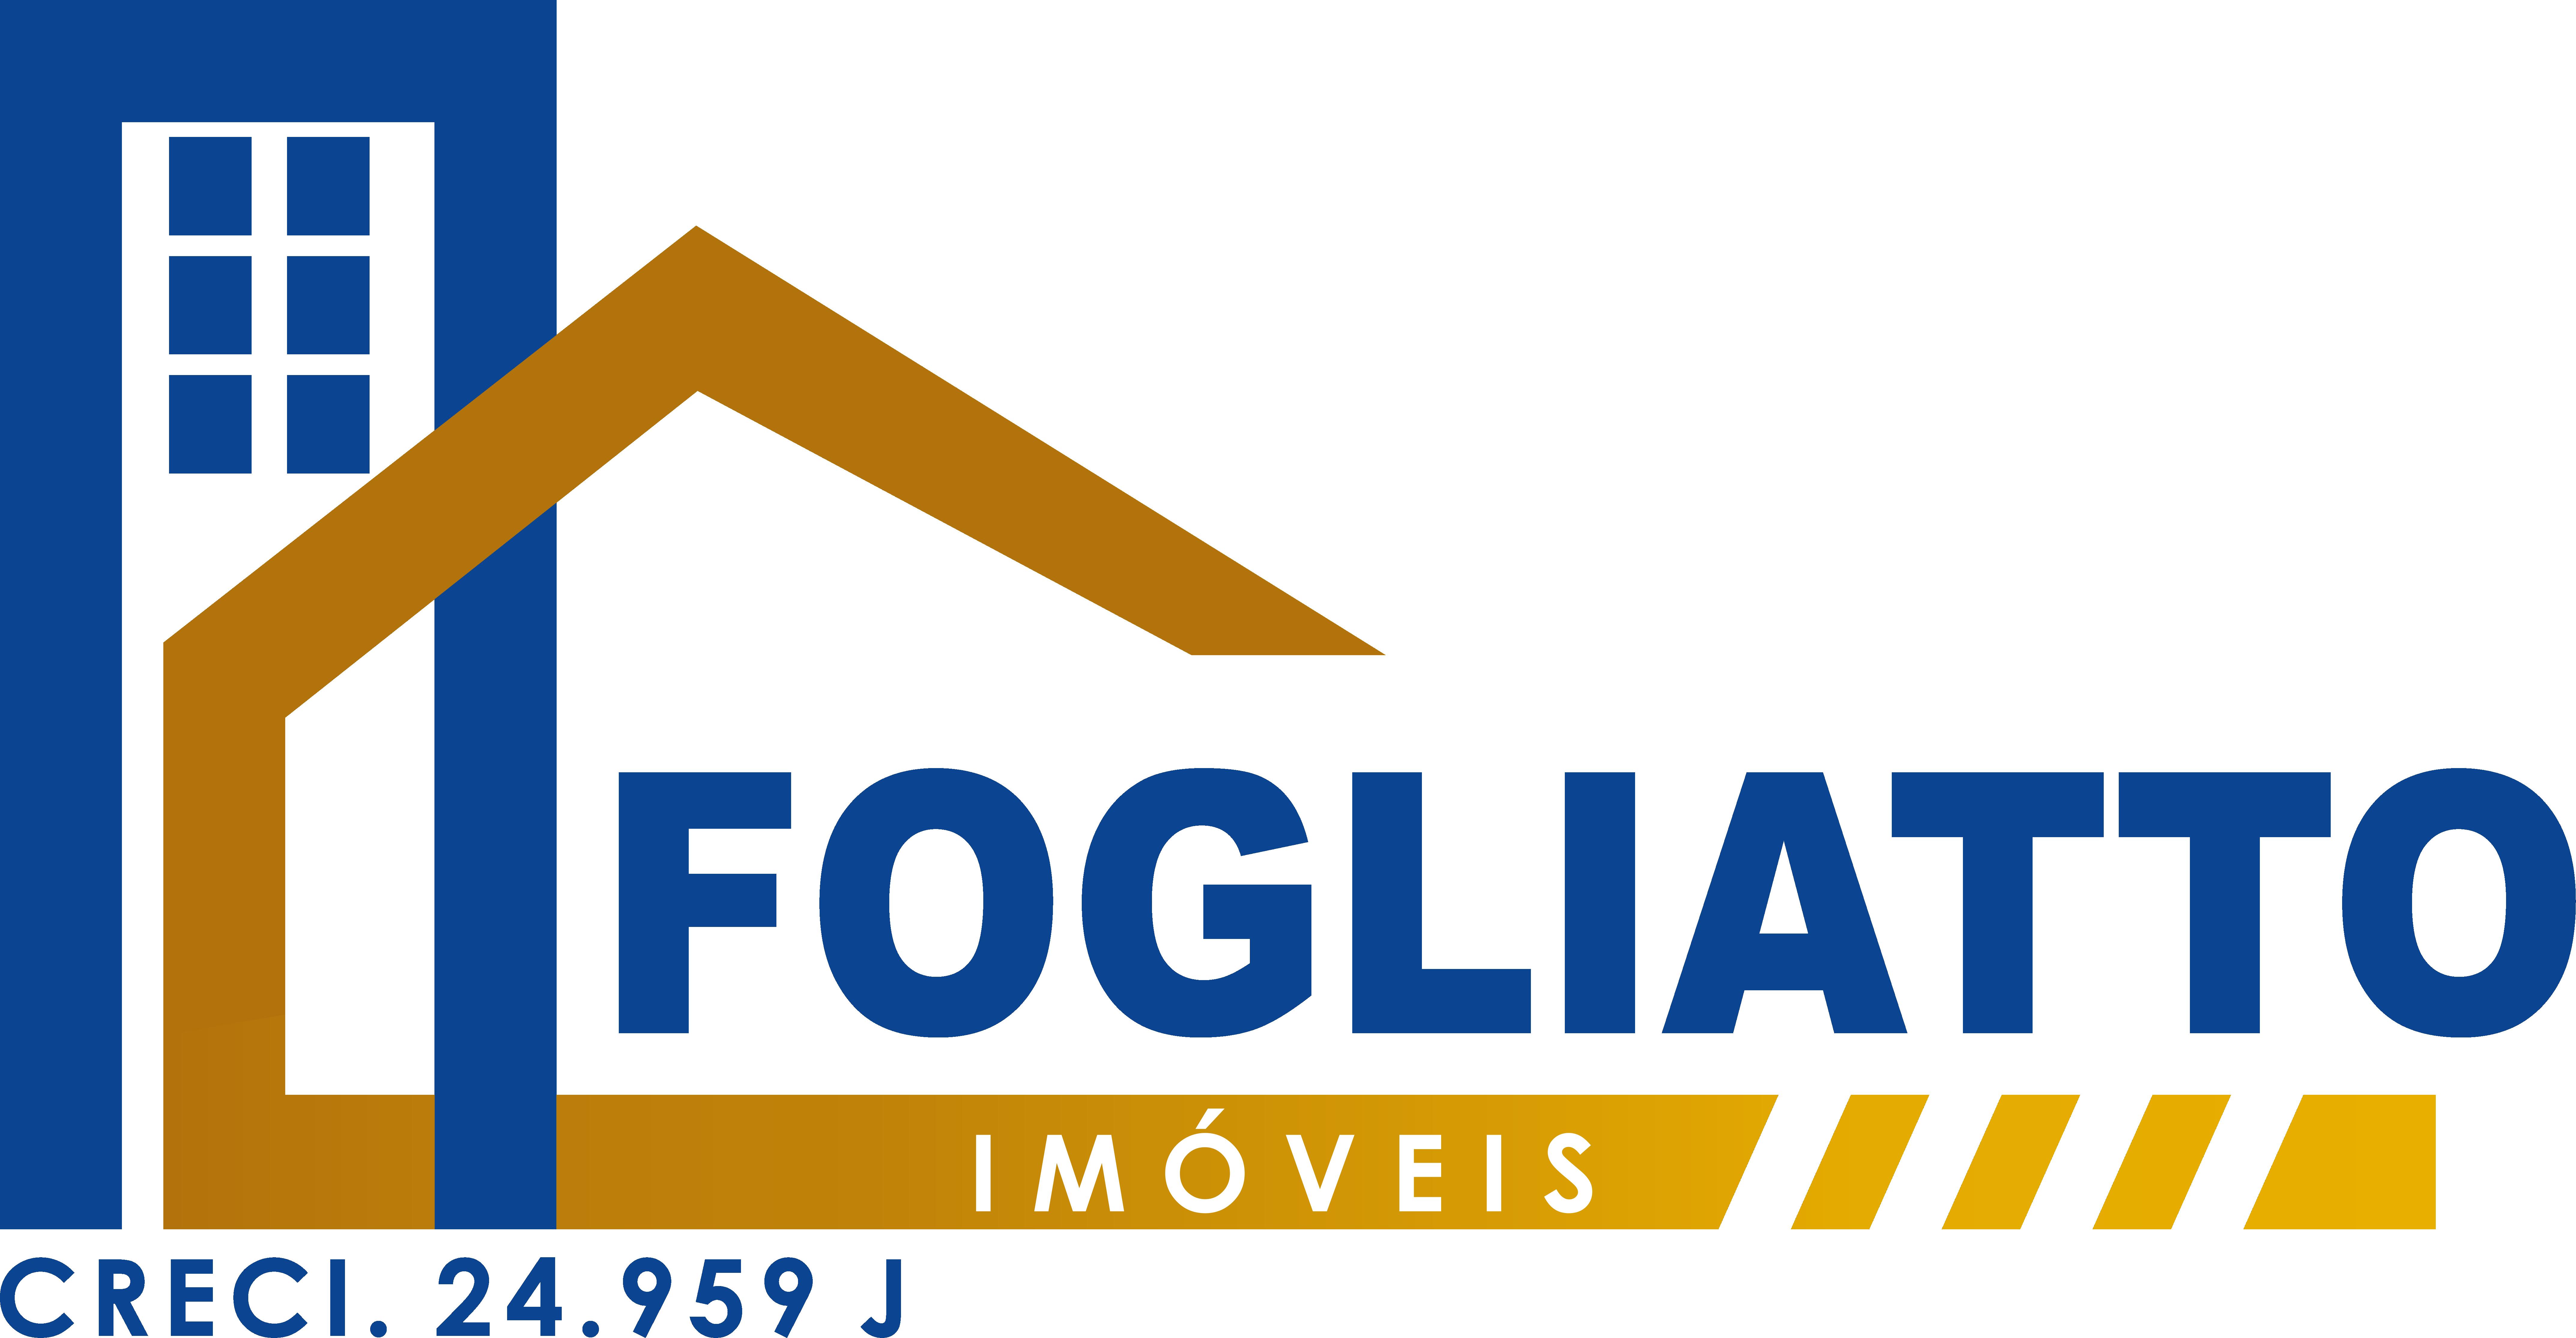 Logo Fogliatto Imoveis